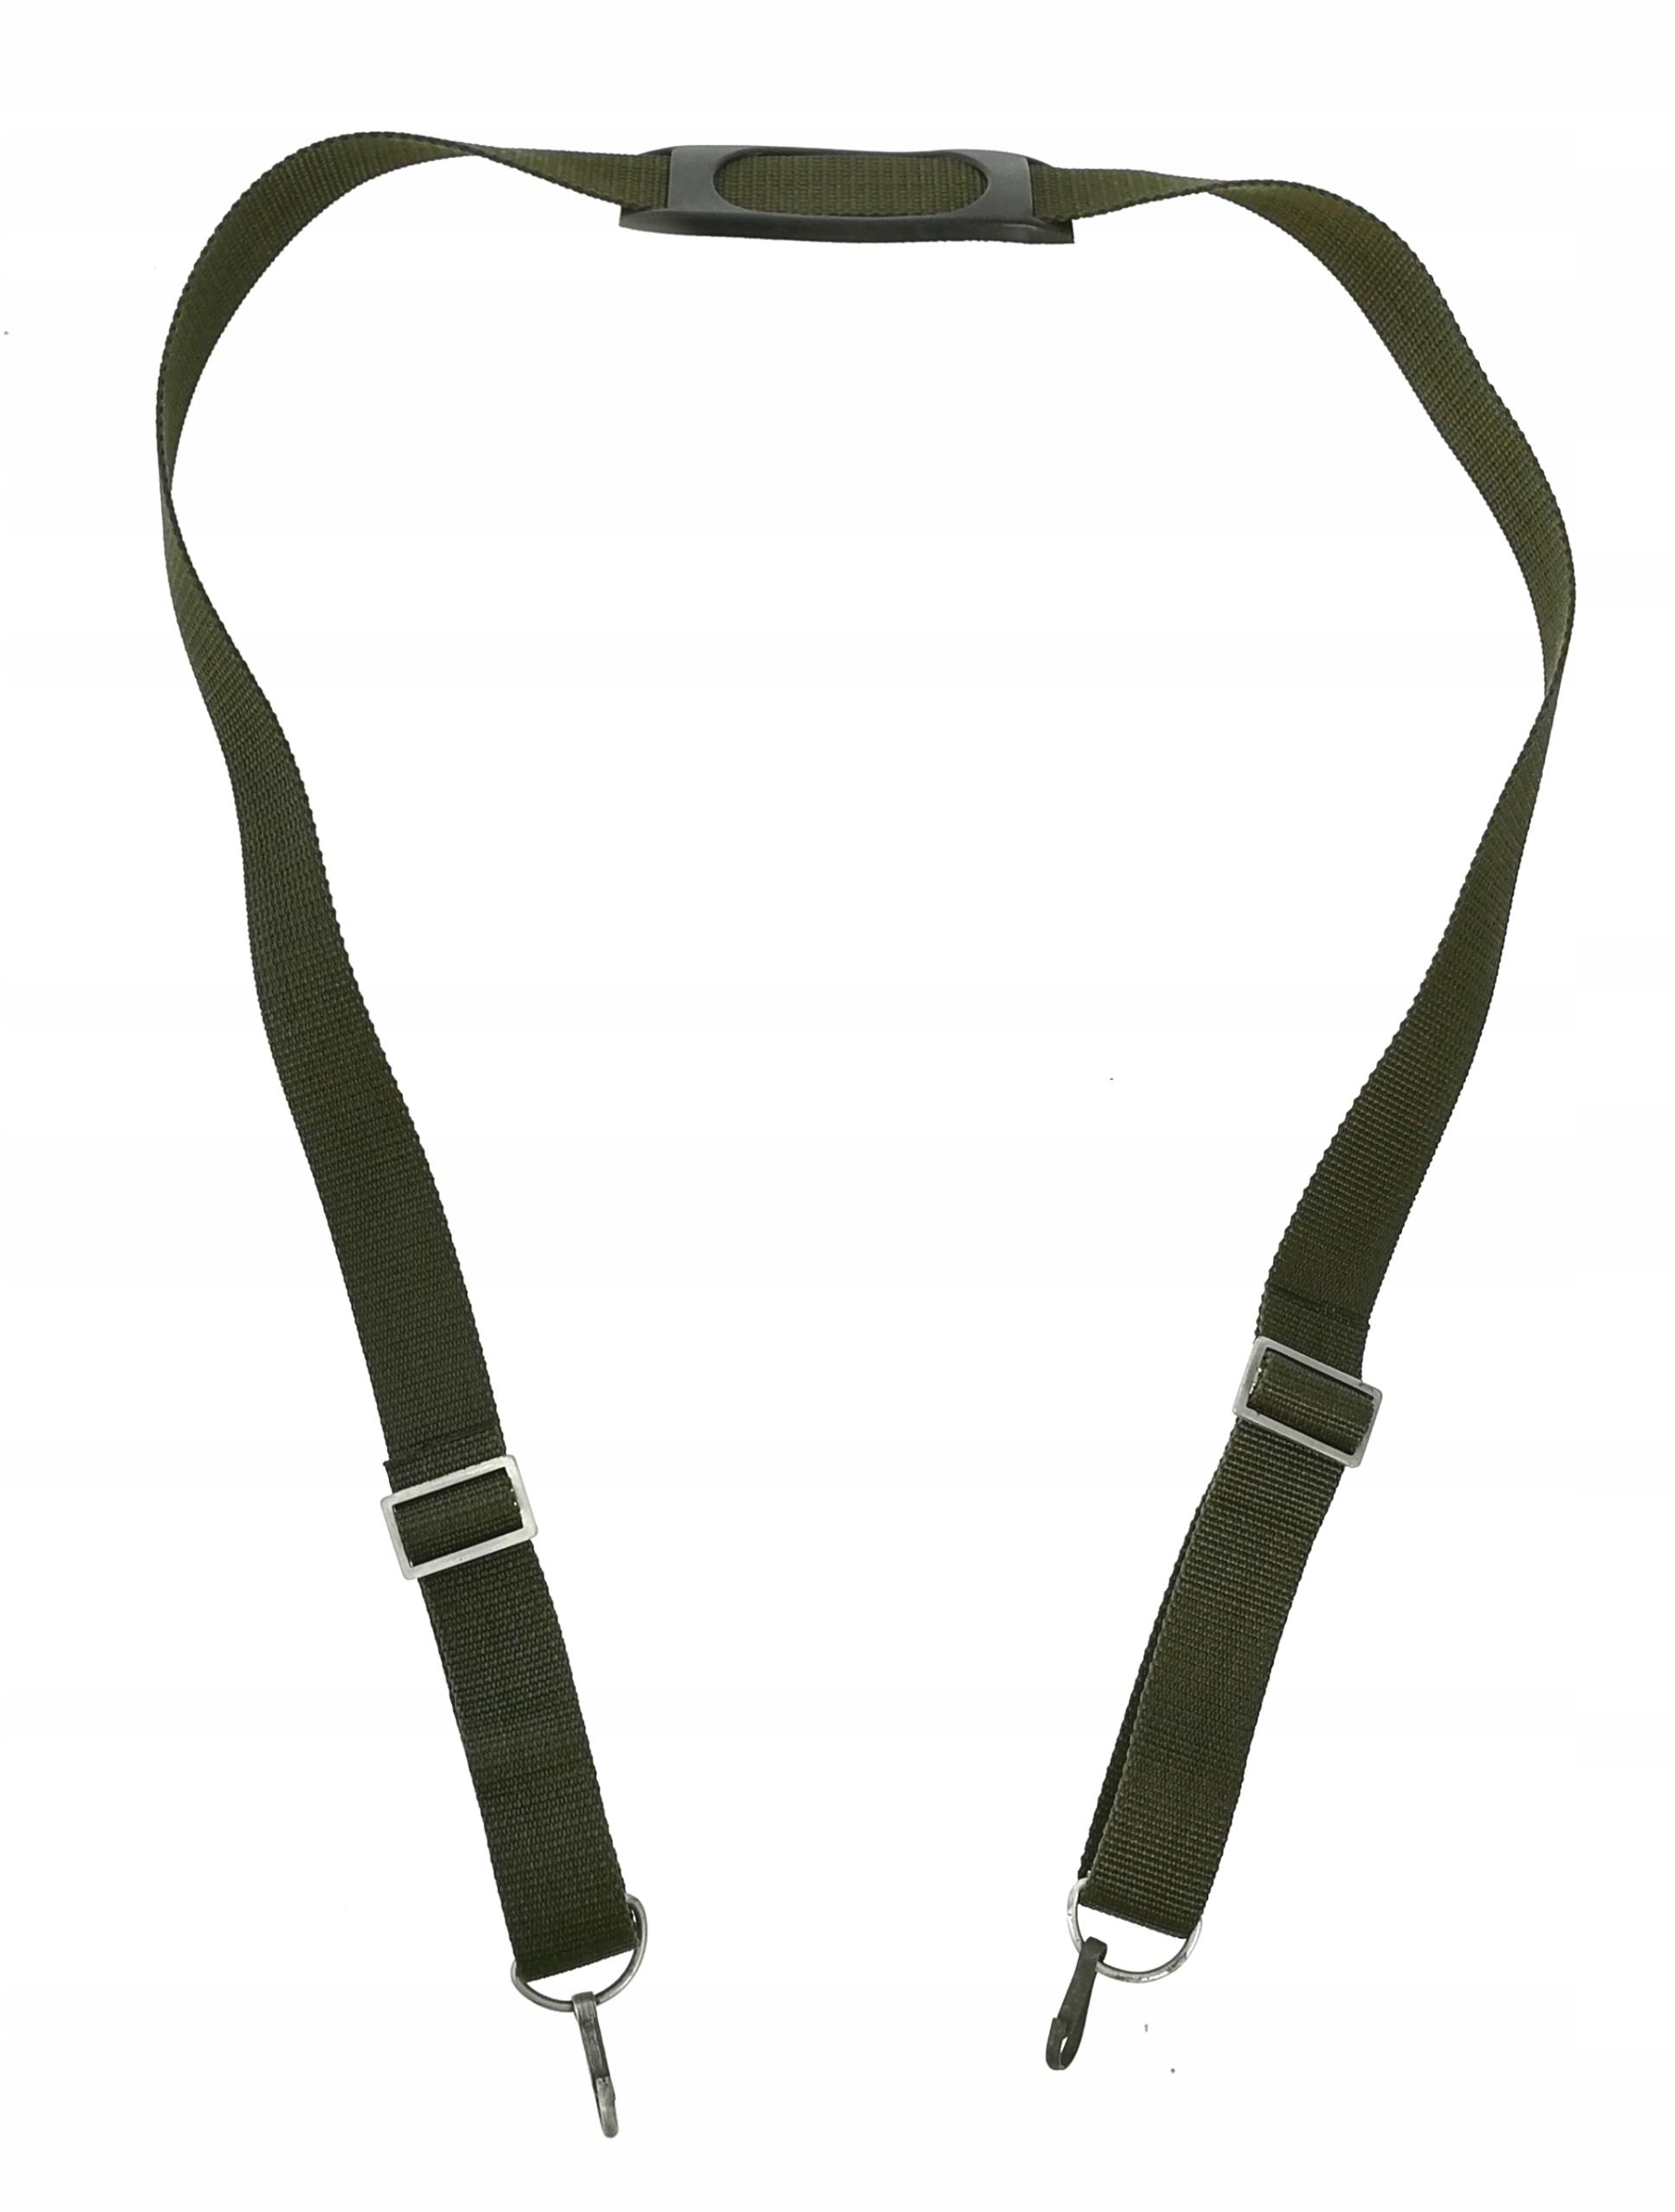 PAS nośny wojskowy do torby, sprzetu 3/150cm olive